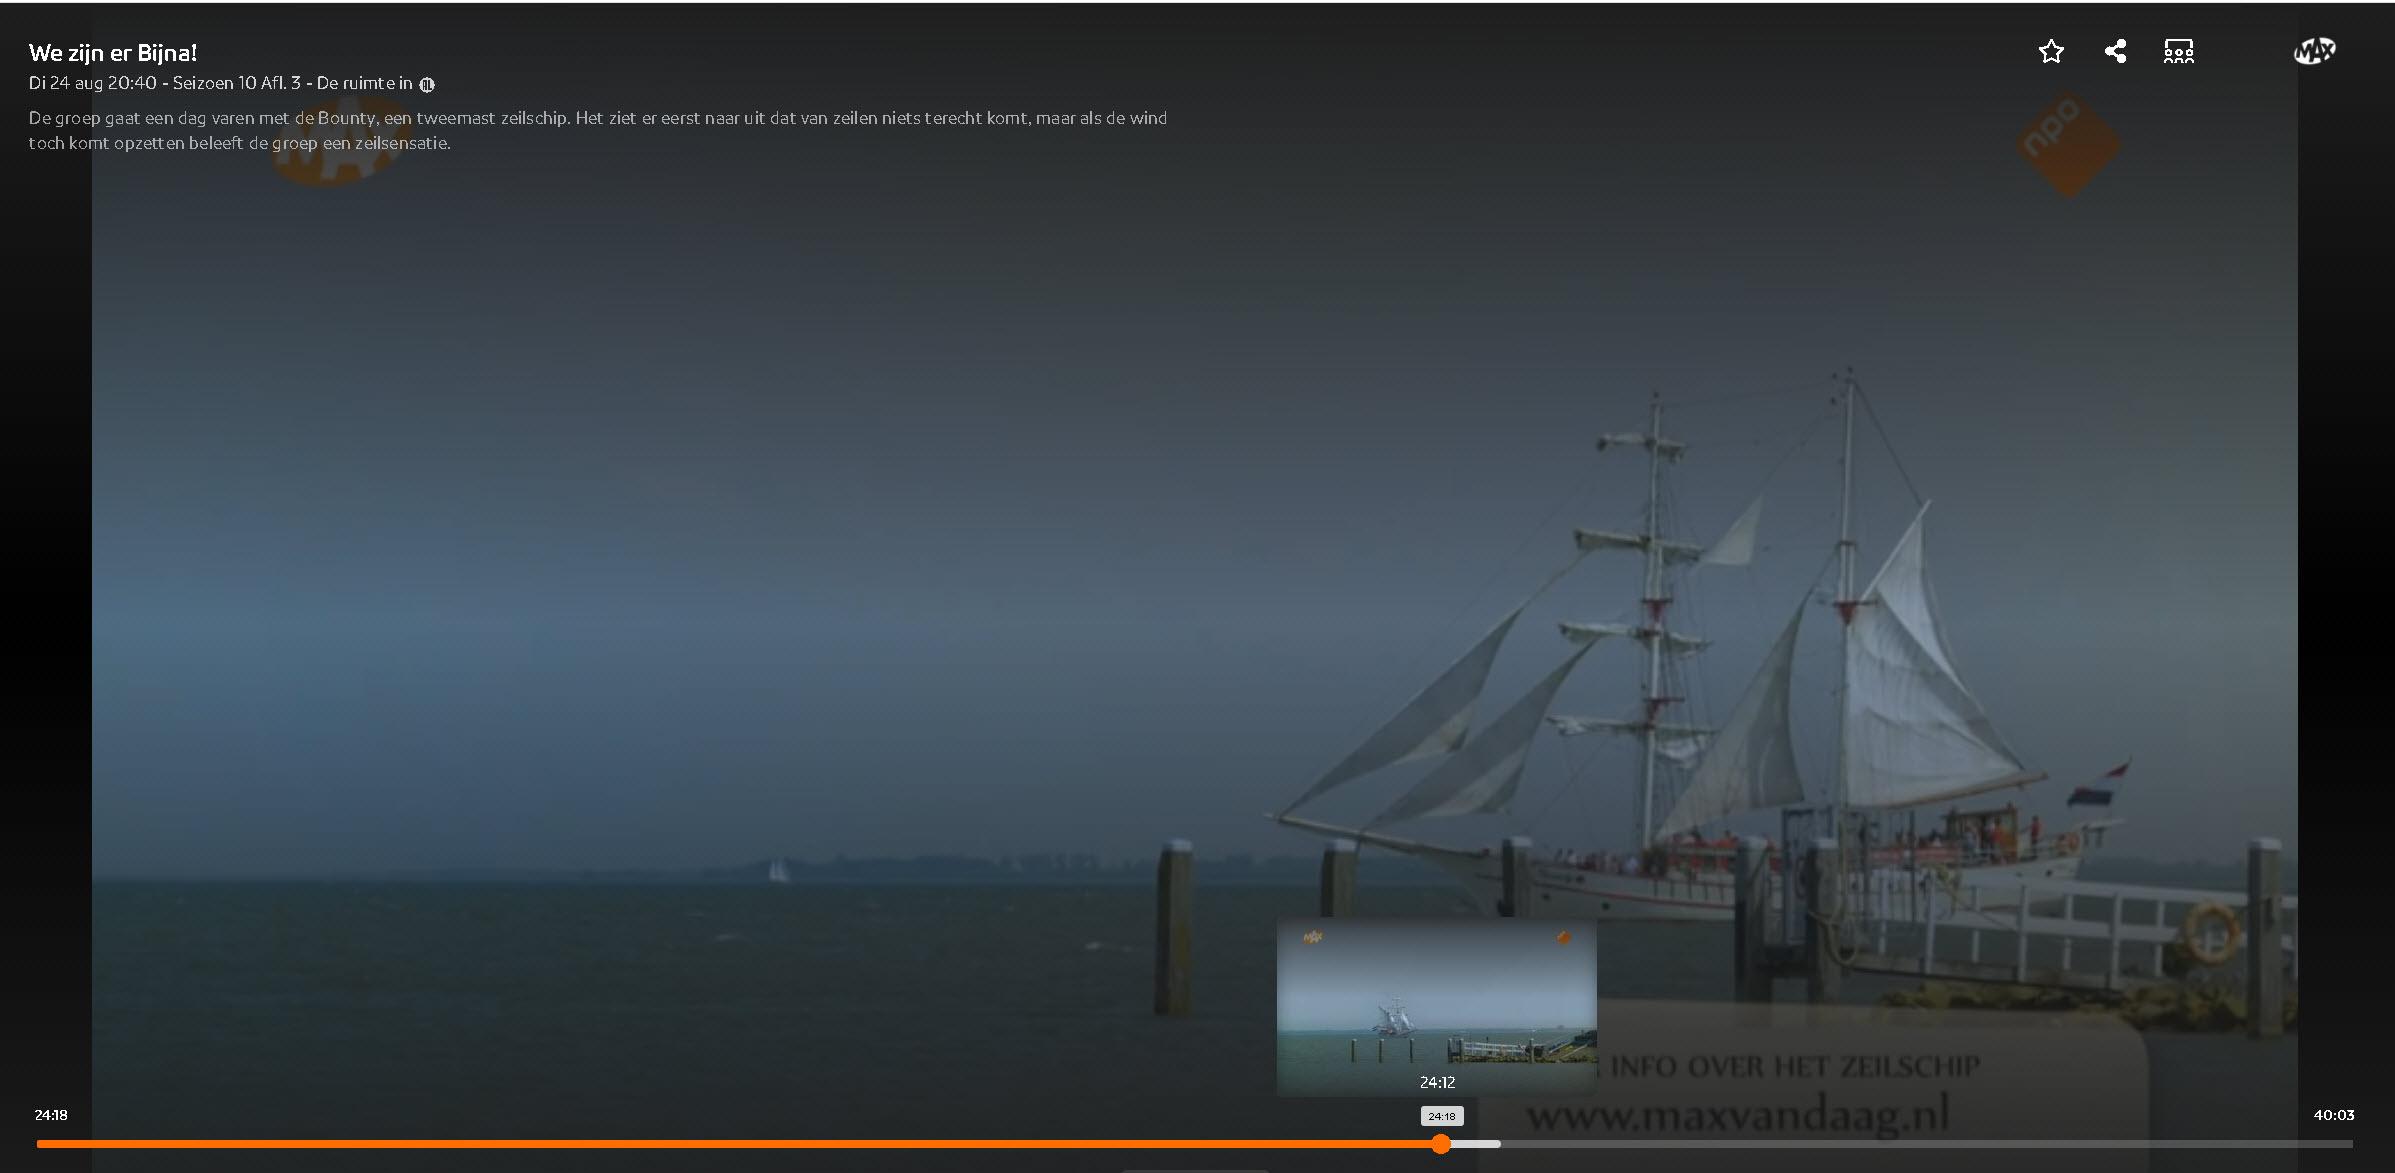 TV-uitzending-zeilschip-Bounty-We-zijn-er-bijna-11